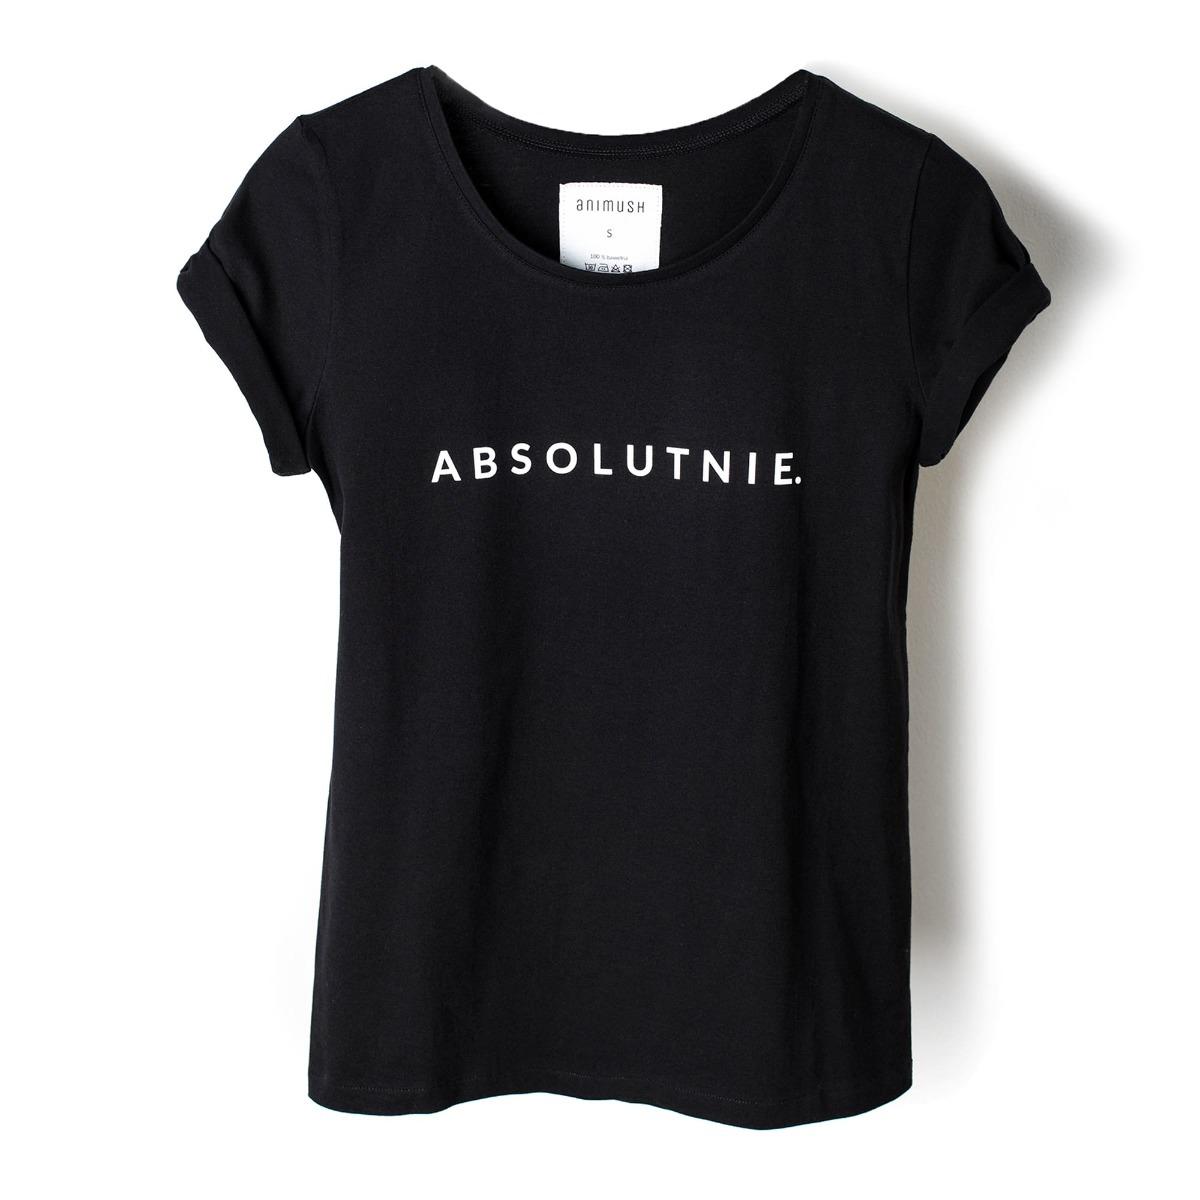 T-shirt czarny ABSOLUTNIE.